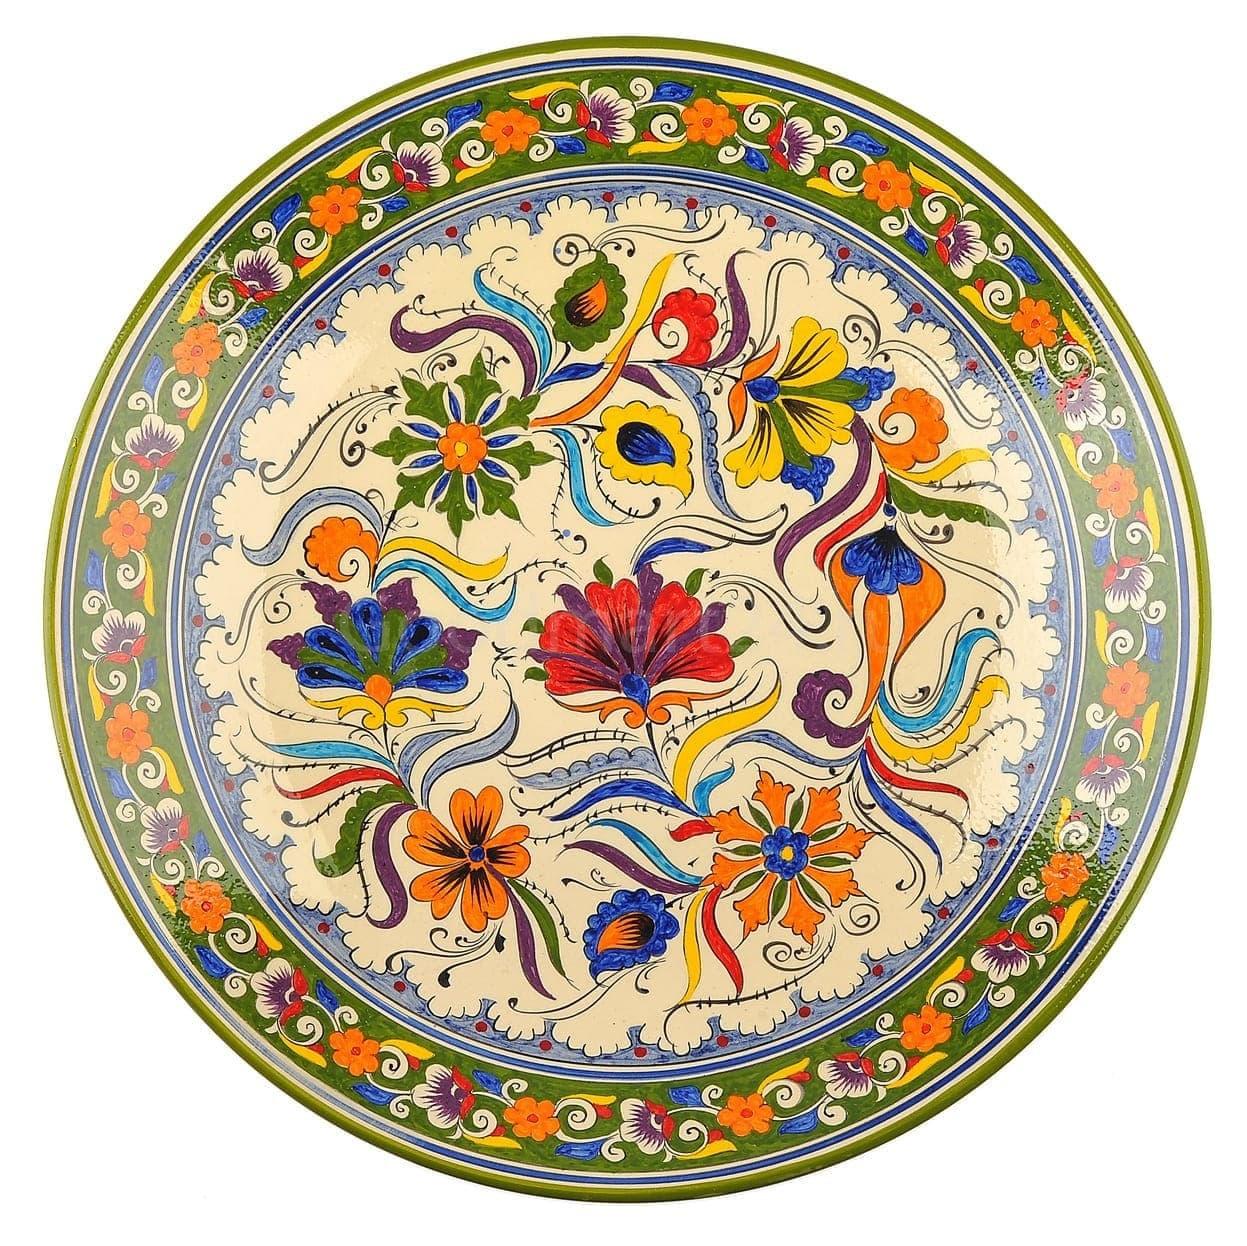 Ляган Риштанская Керамика 38 см. плоский, Турецкий - фото 9452